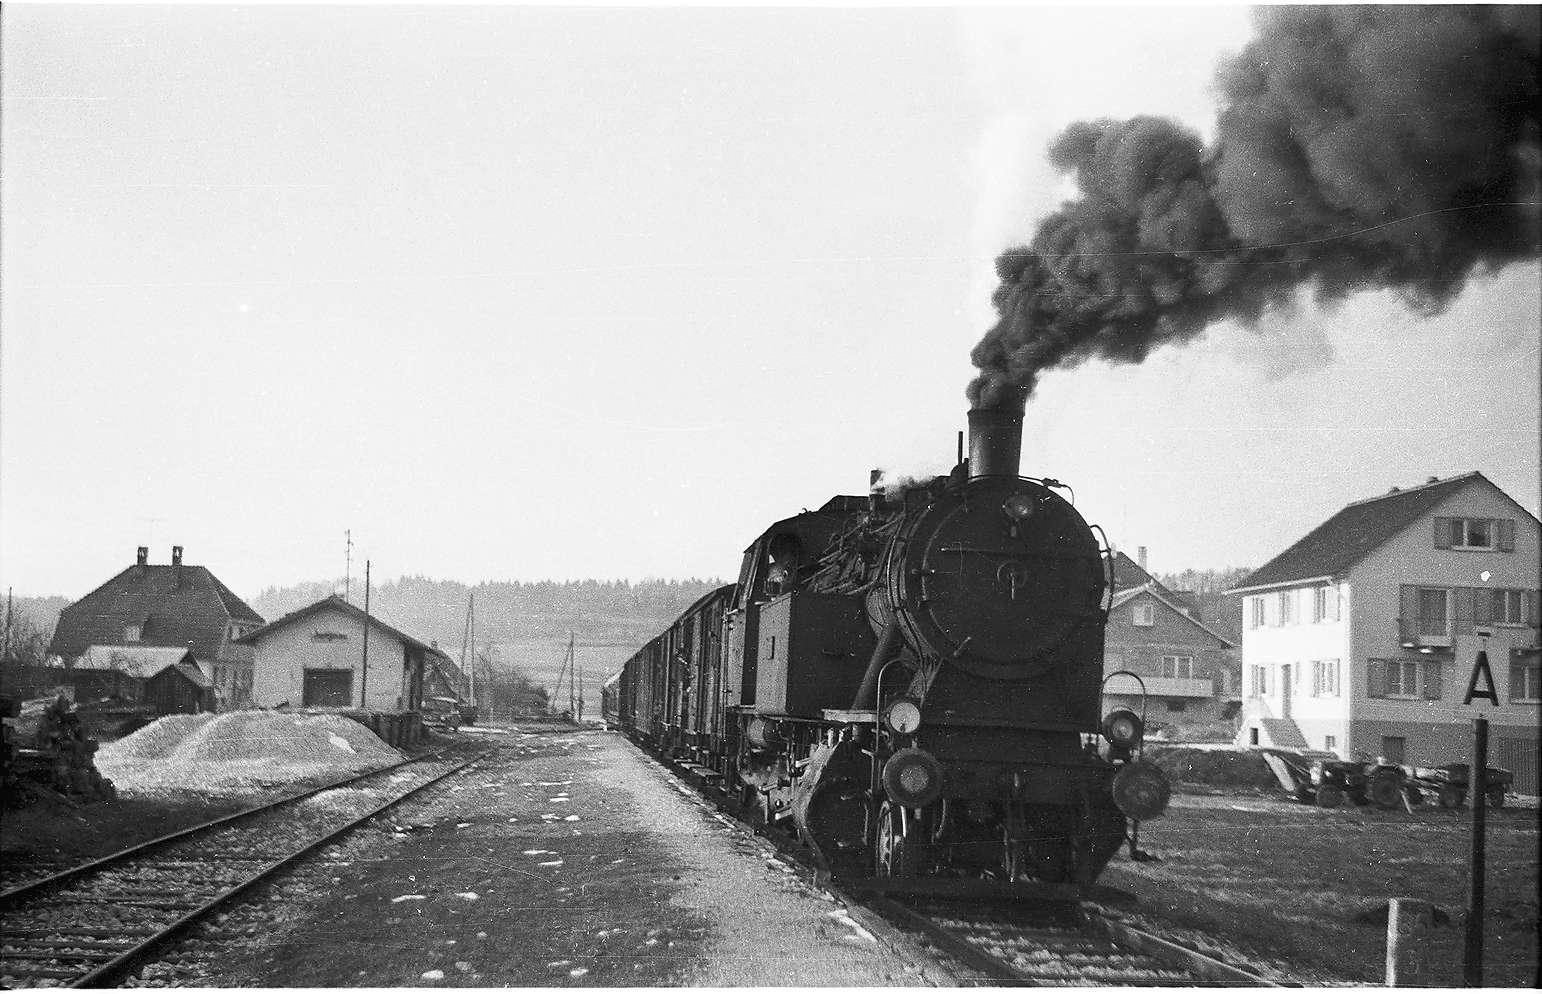 Bahnhof Jungnau, hier wurde ein Personenzug am 27. Februar 1945 von Fliegern angegriffen, Lok 15 blieb unbeschädigt, Denkmal eingeweiht im März 1995, anlässlich des Jubiläums 50 Jahre, Bild 1